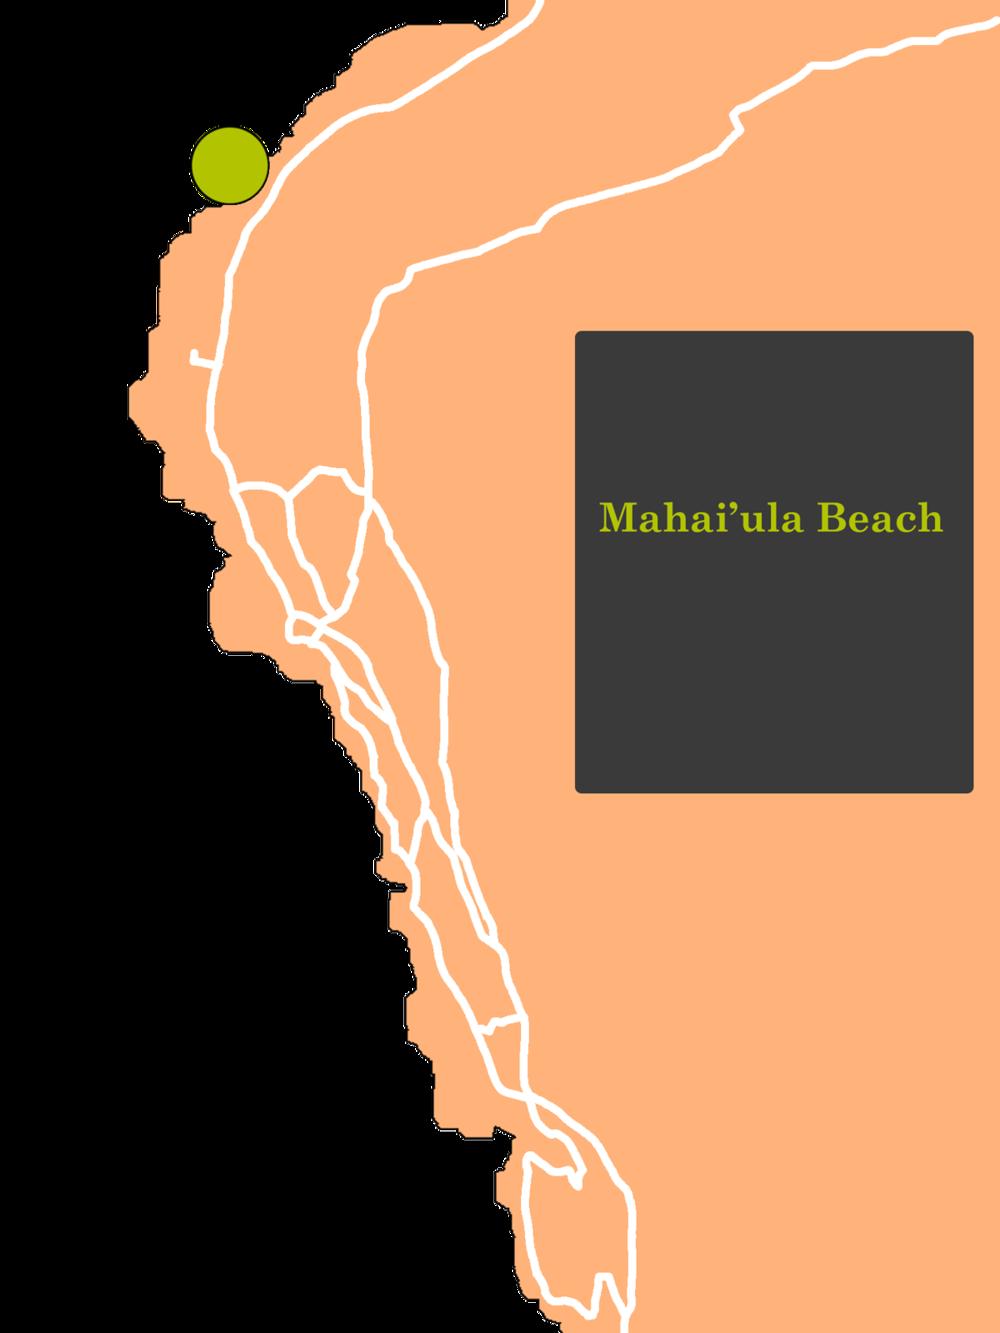 Mahai'ulaKonaMap.png